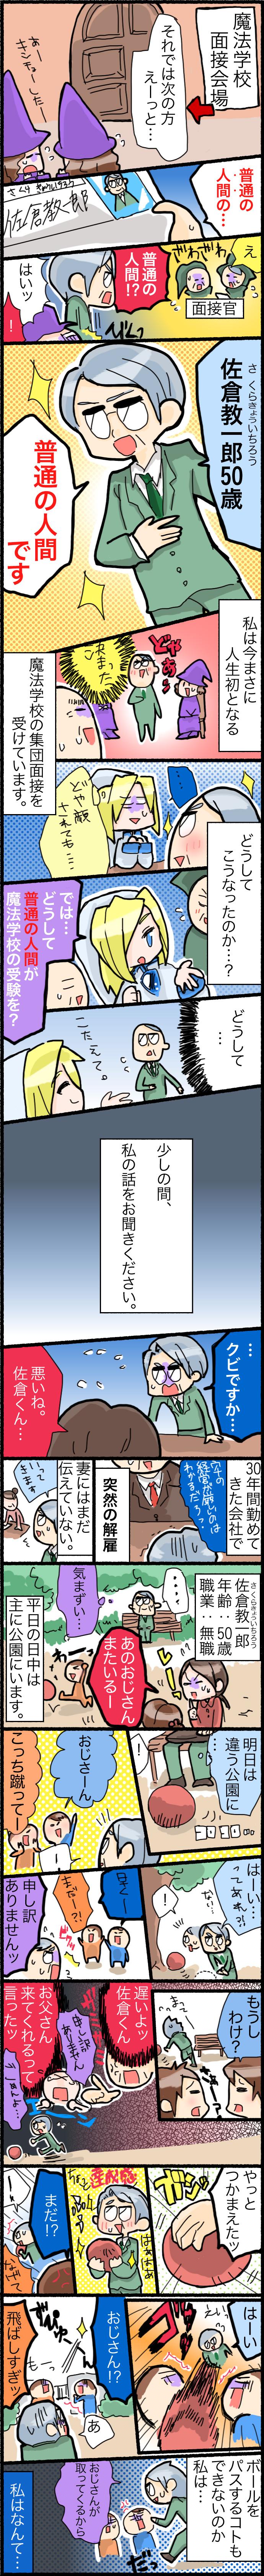 おじ様と女騎士様1話01